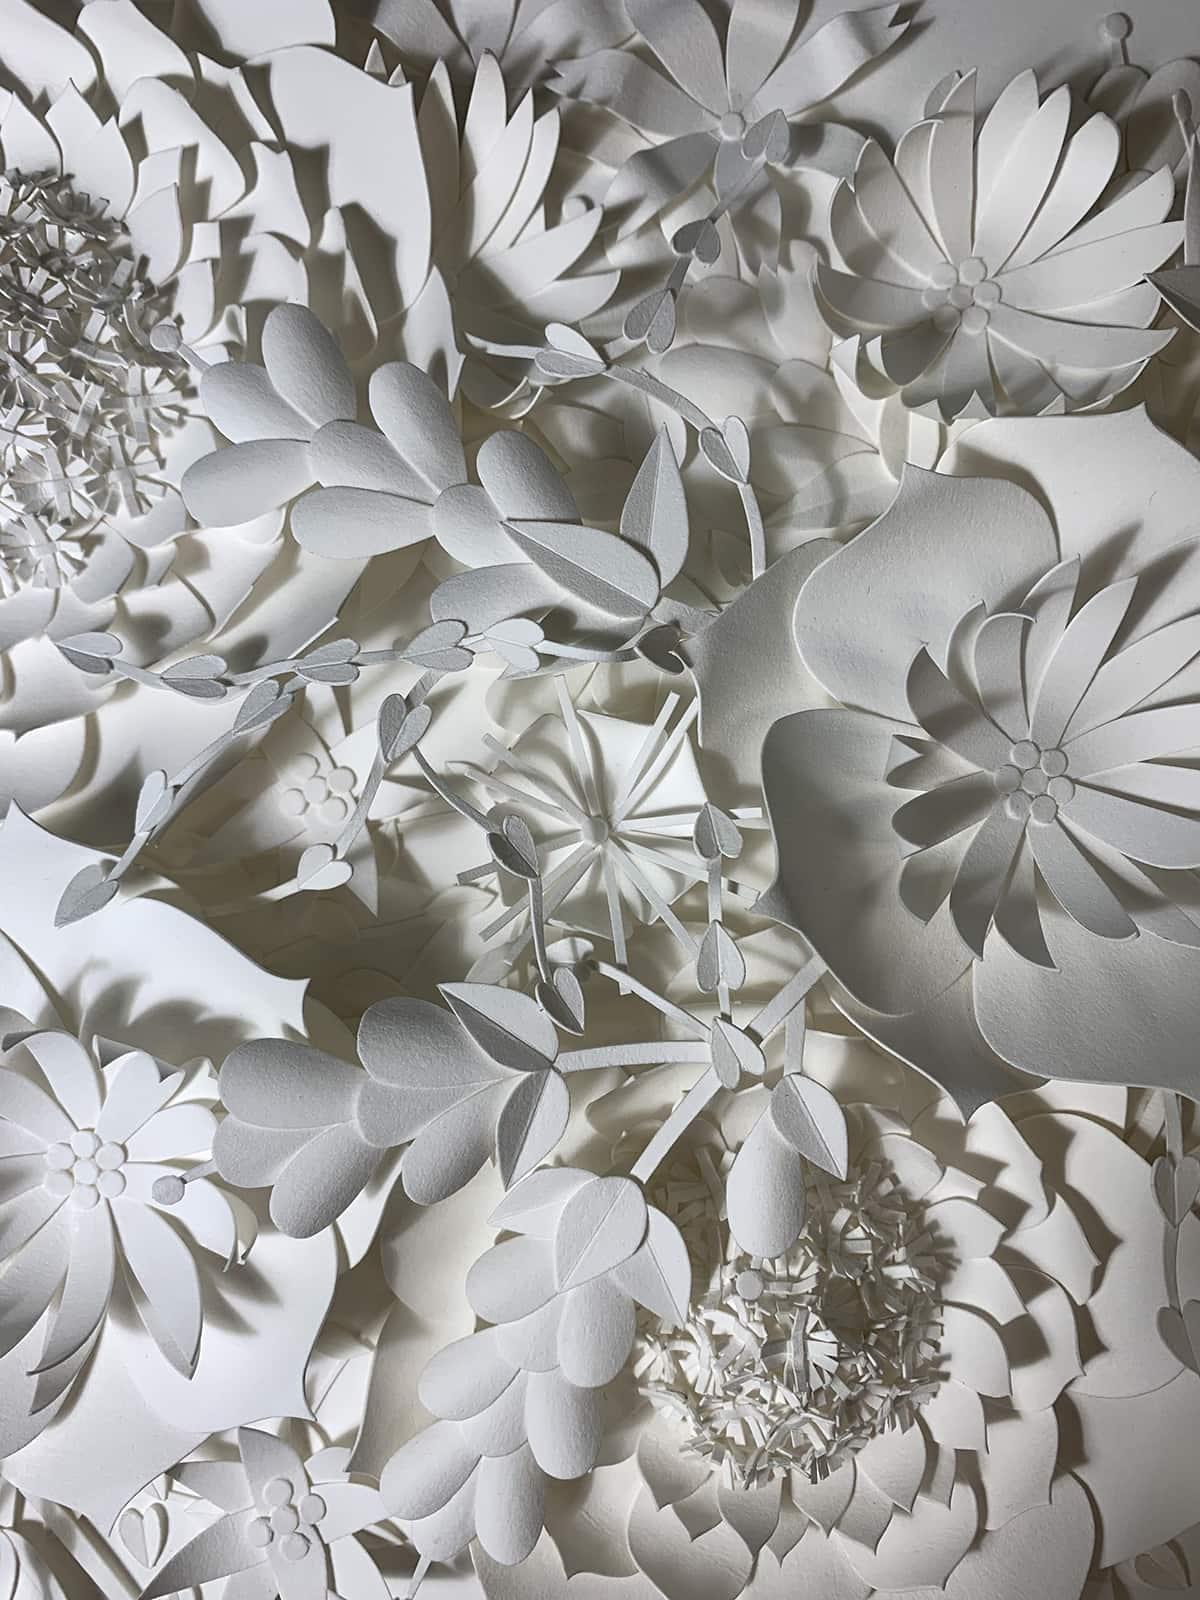 tara lee bennett lush paper paper flowers 7